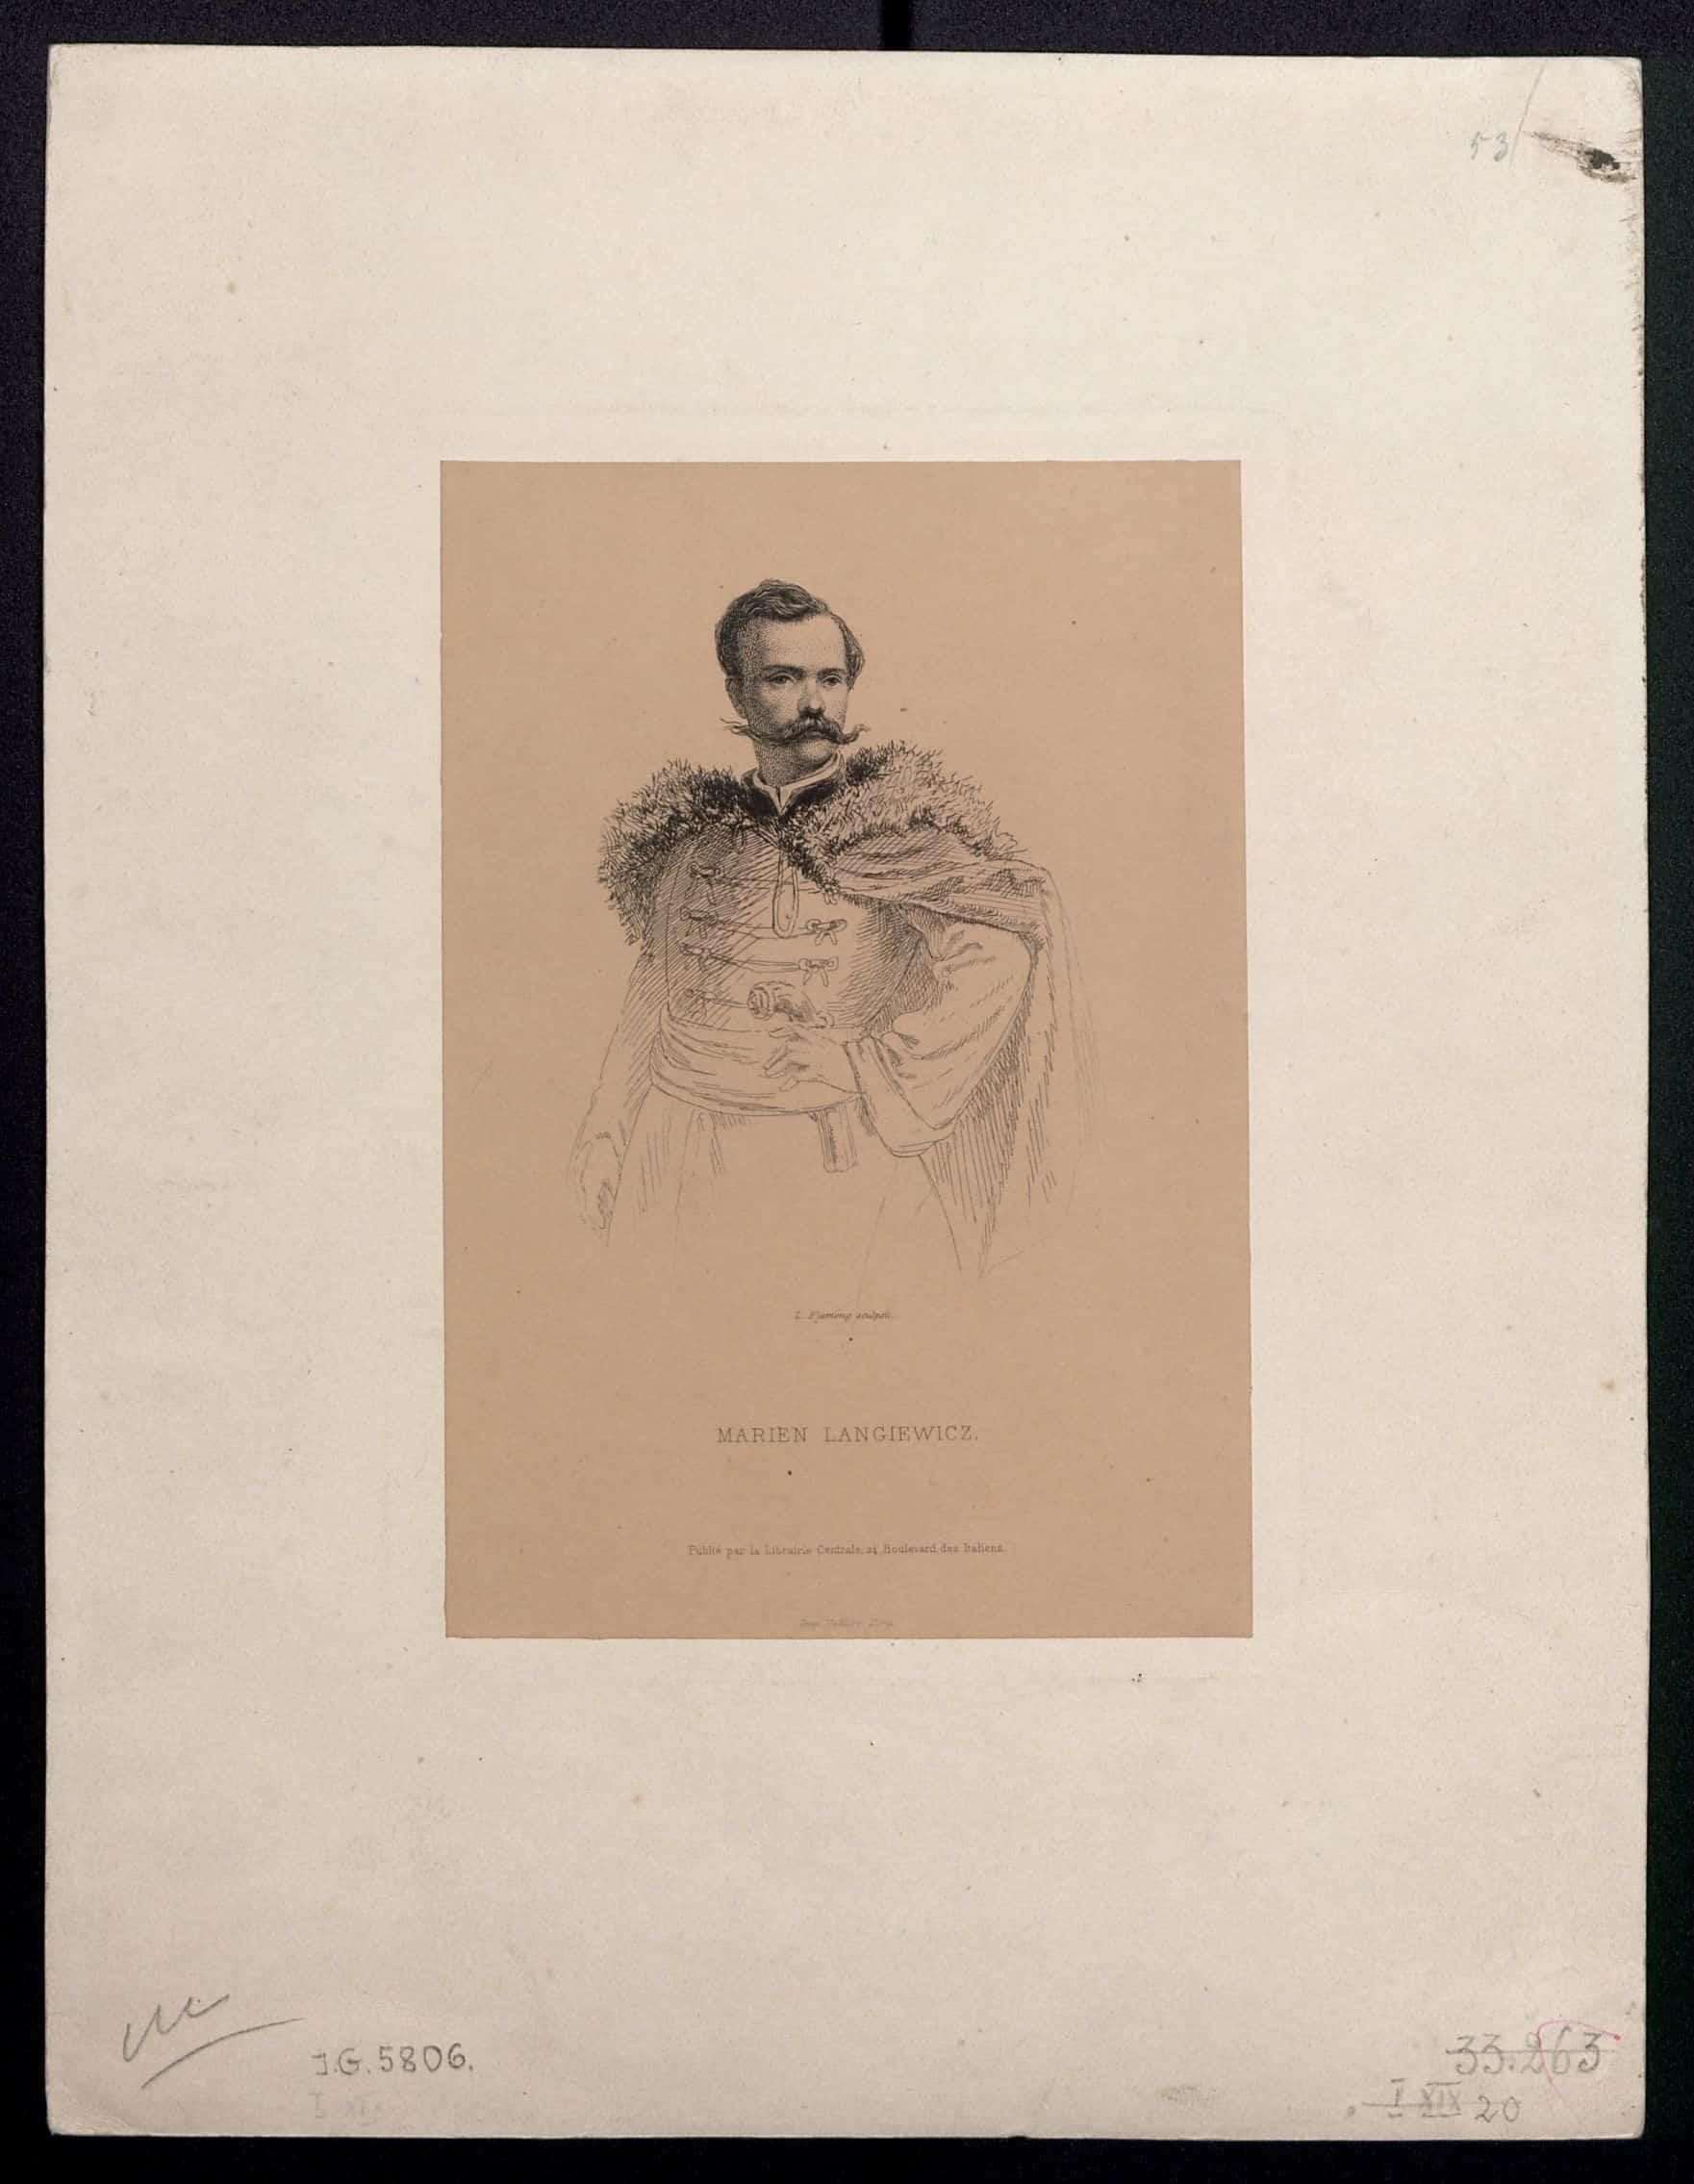 Marian Langiewicz. Ryt. L. Flameng. Źródło: Polona